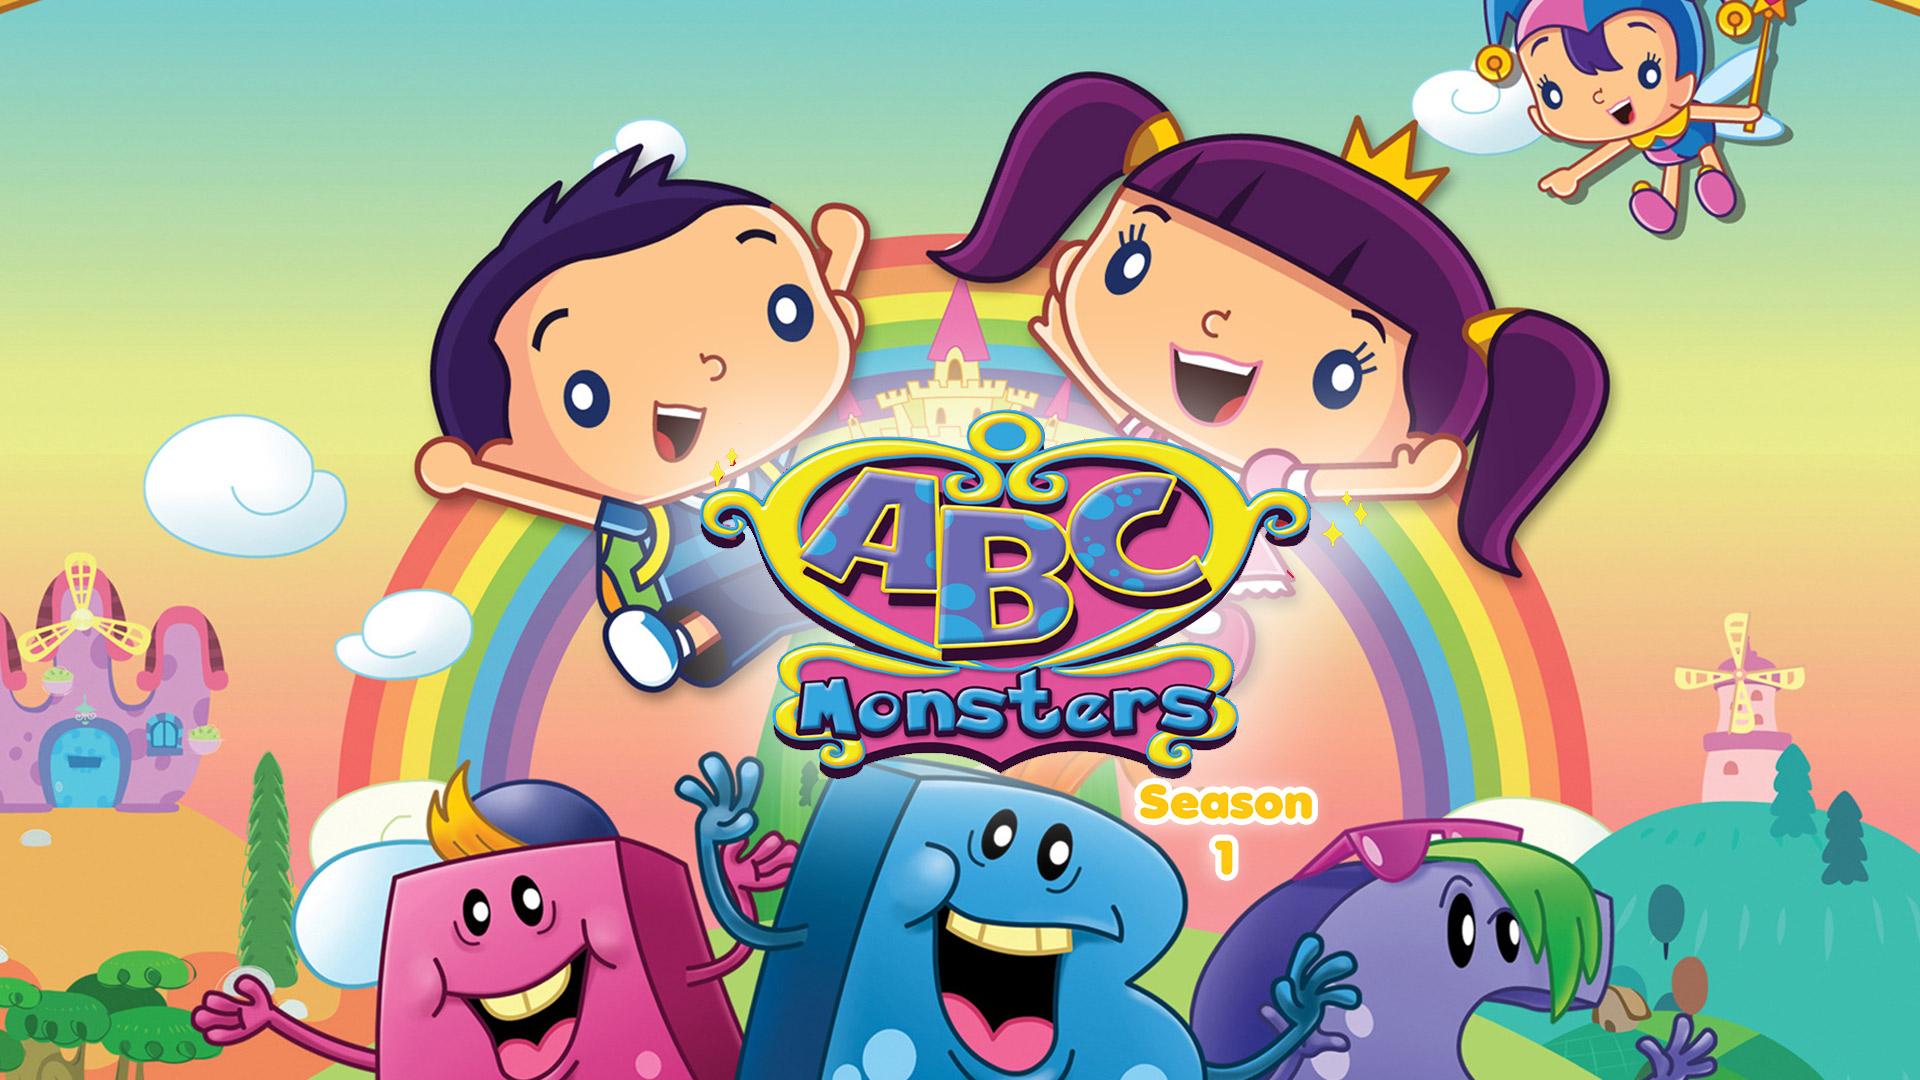 ABC Monsters - Season 1